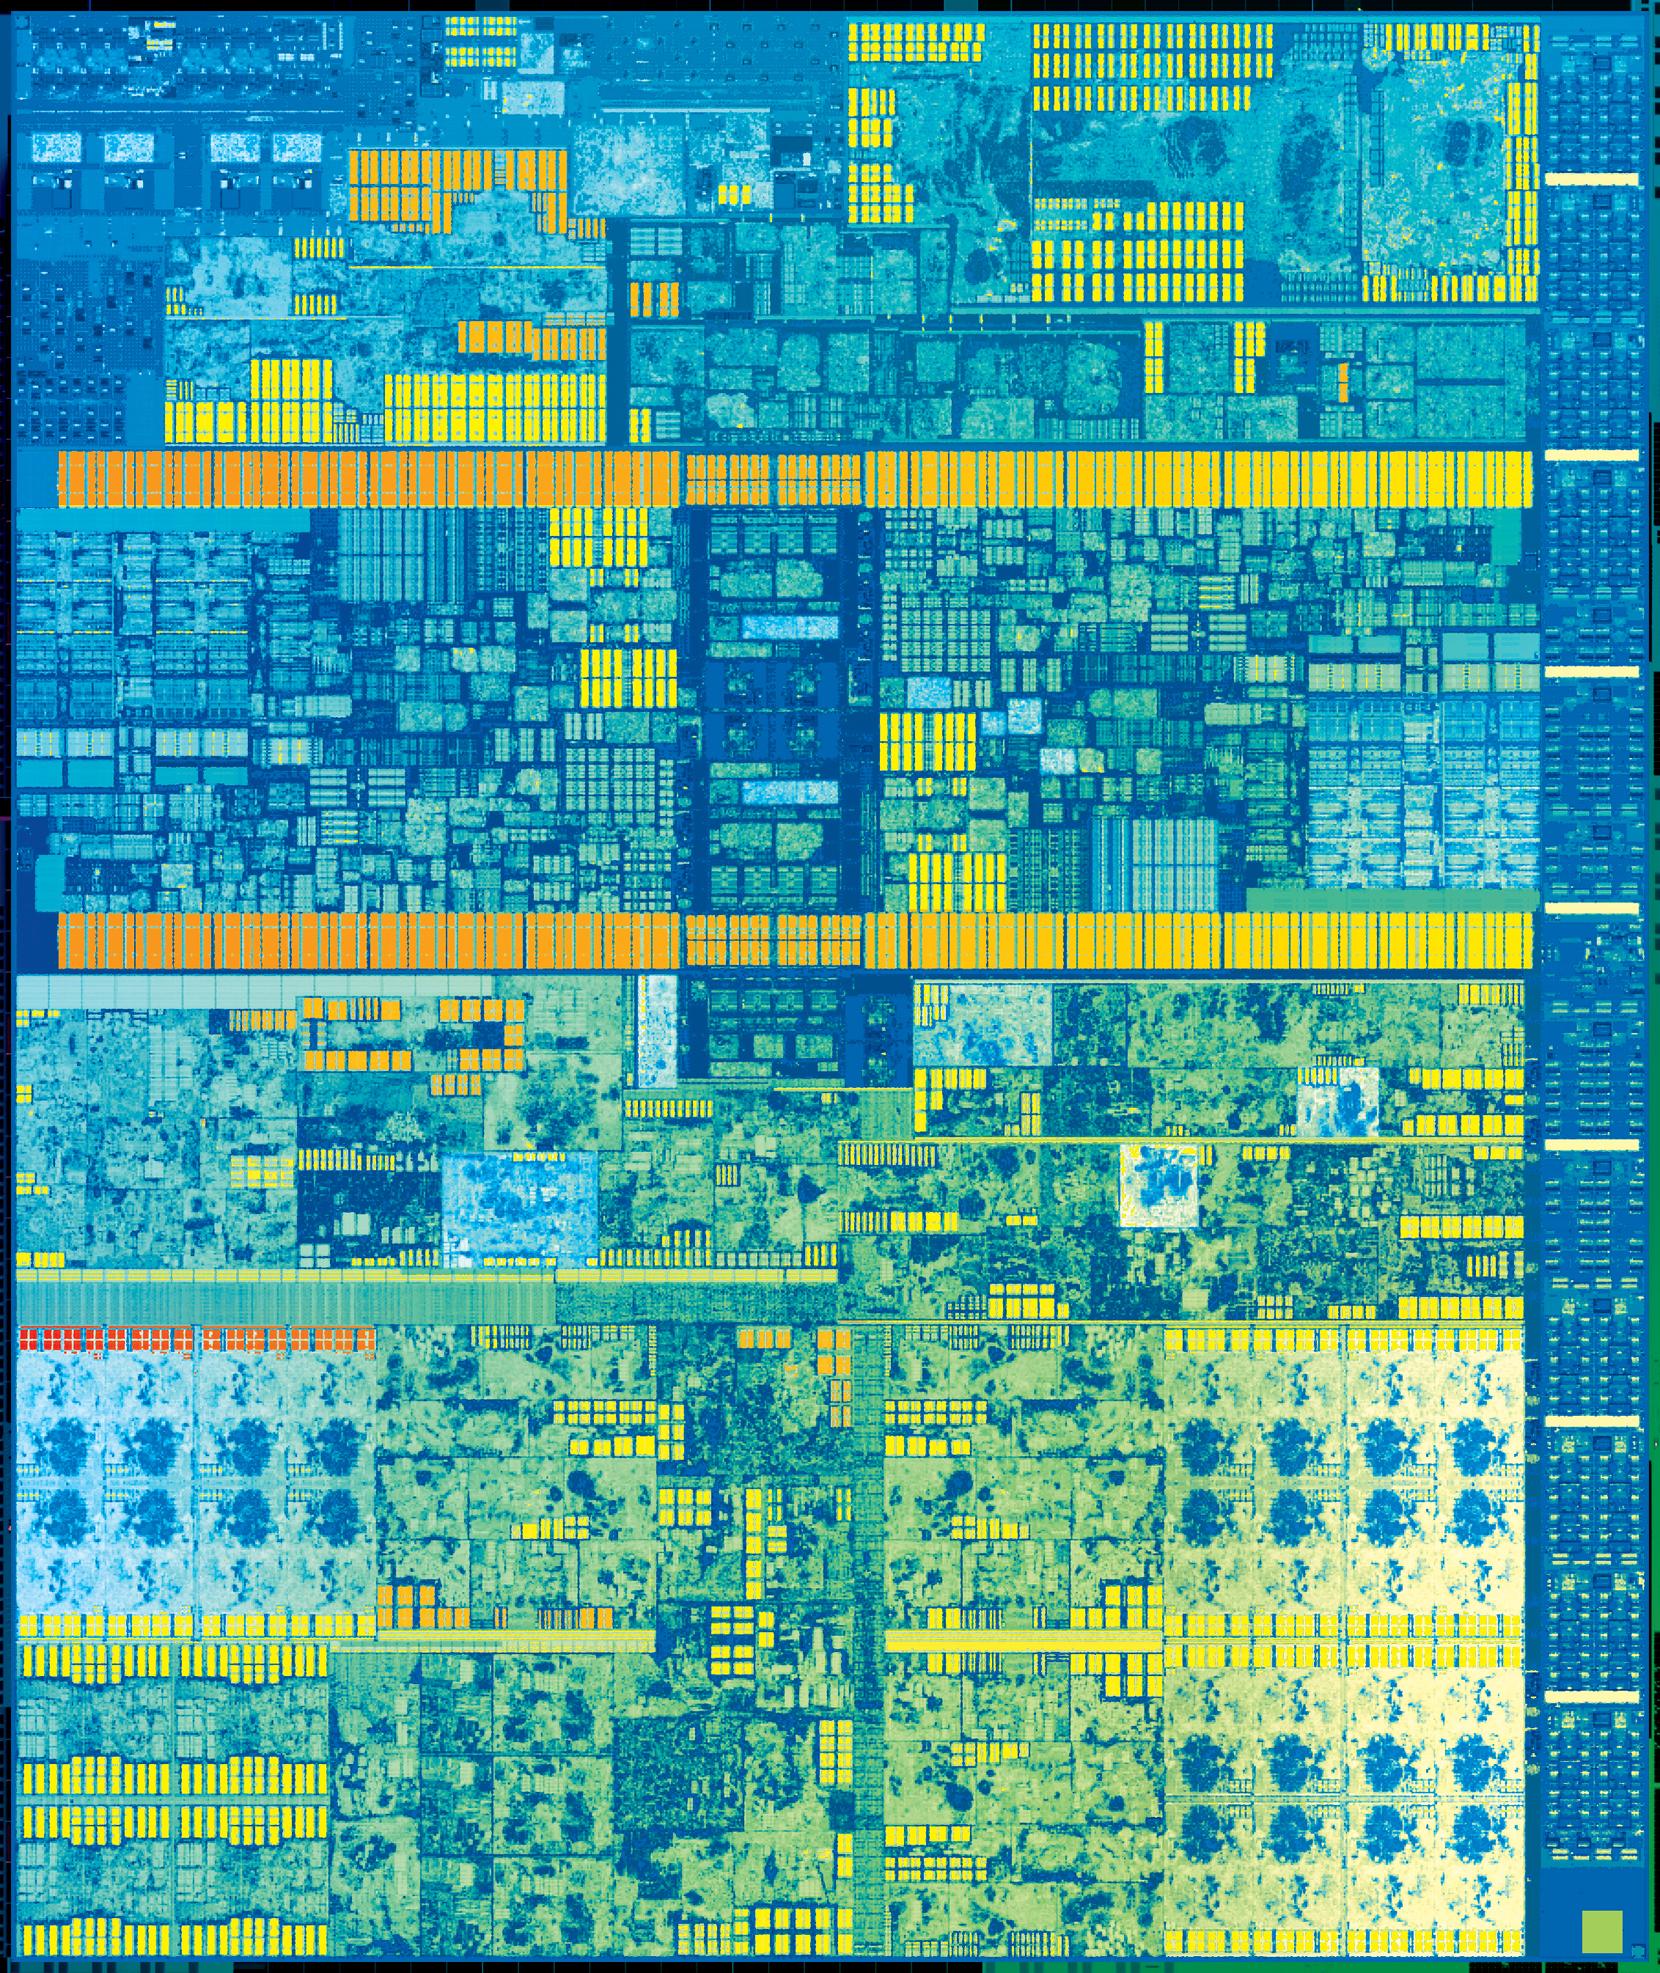 7th Gen Intel Core die – standard